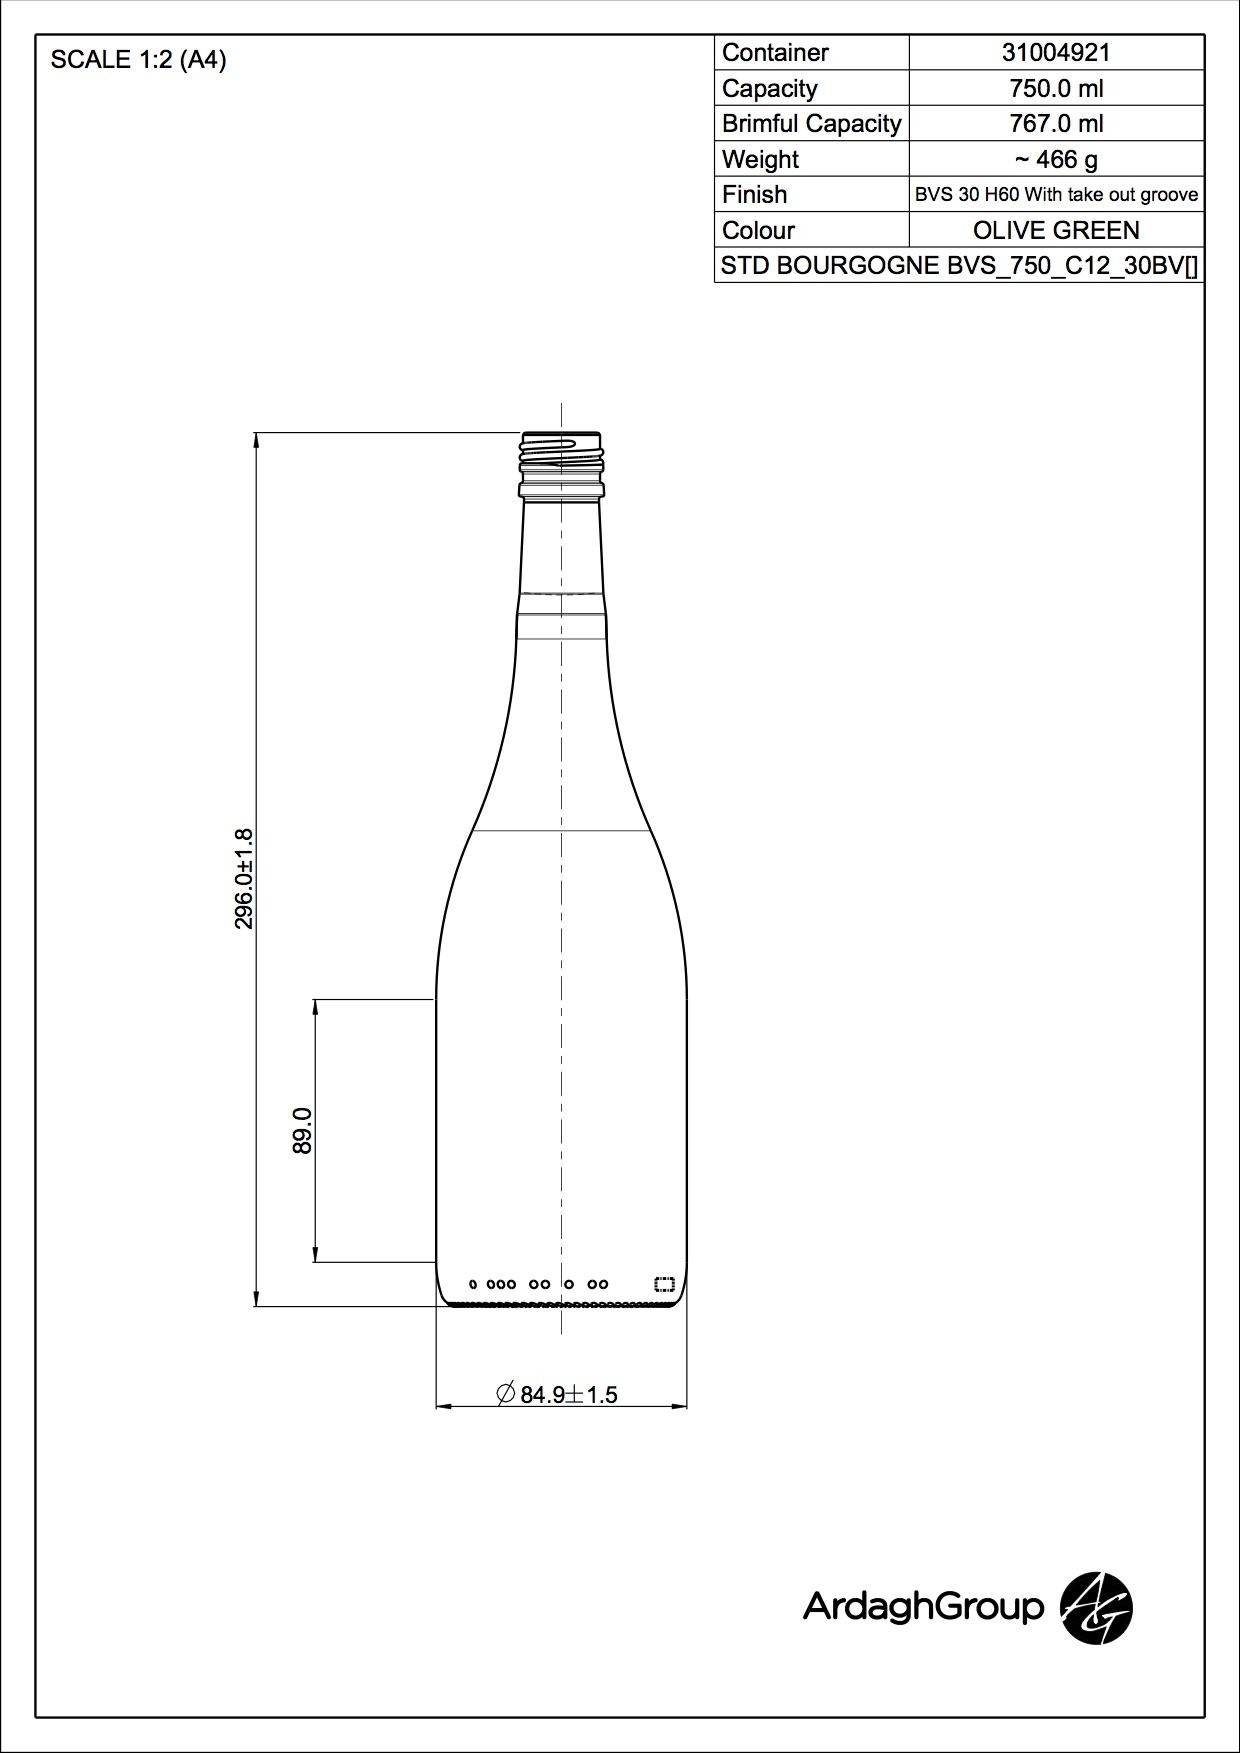 750ml green glass Bourgogne oneway wine bottle